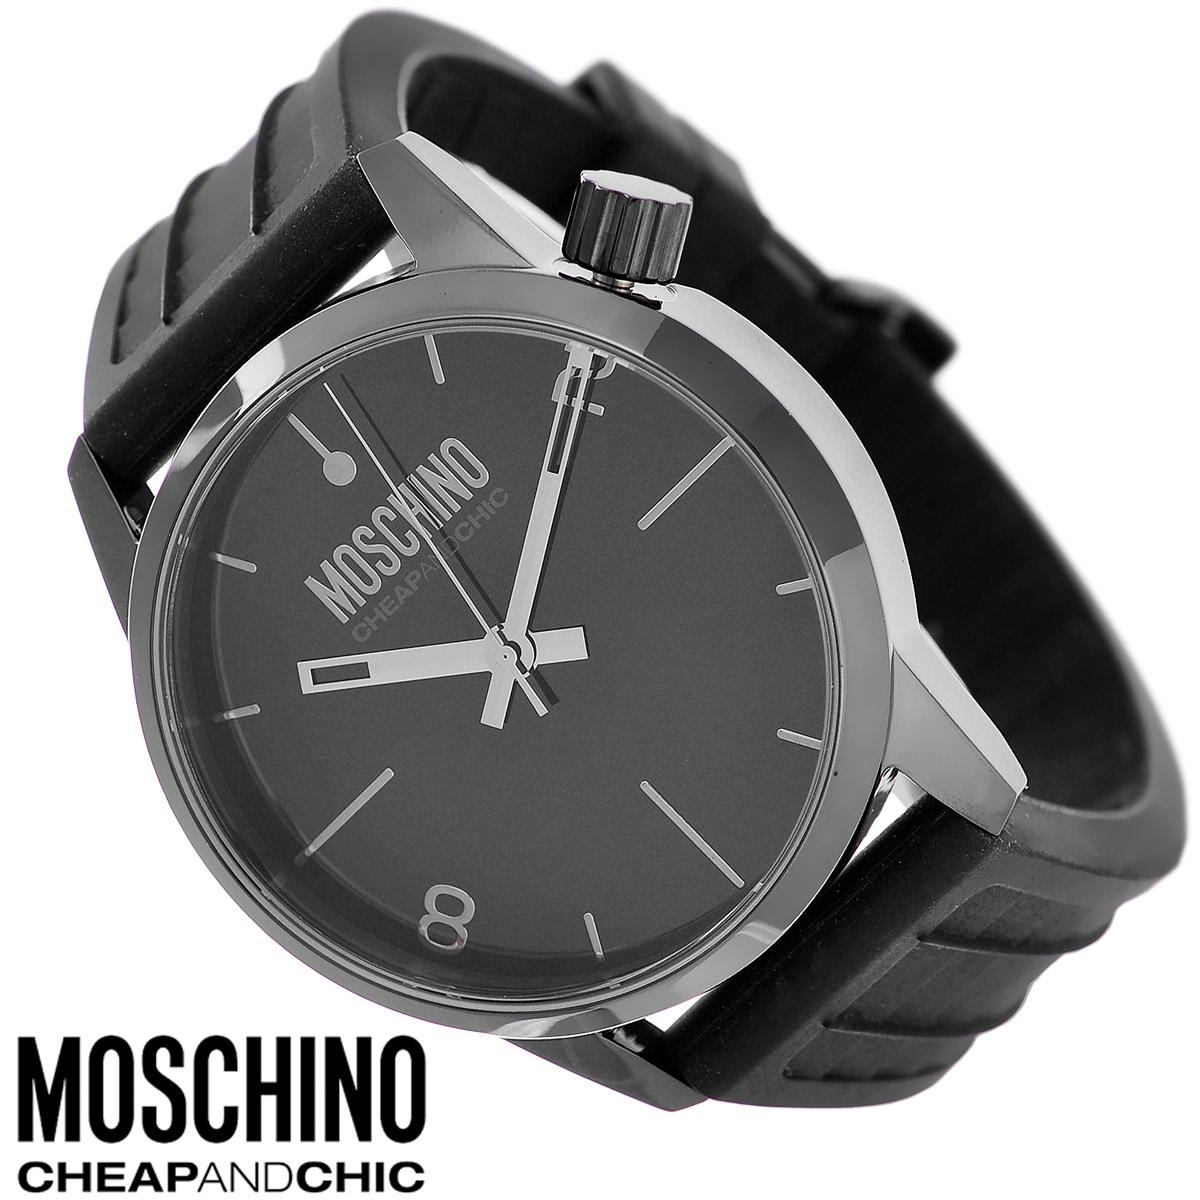 Часы наручные Moschino, цвет: черный. MW0271MW0271Наручные часы от известного итальянского бренда Moschino - это не только стильный и функциональный аксессуар, но и современные технологи, сочетающиеся с экстравагантным дизайном и индивидуальностью. Часы Moschino оснащены кварцевым механизмом. Корпус круглой формы выполнен из высококачественной нержавеющей стали с PVD-покрытием. Циферблат с отметками и арабскими цифрами защищен минеральным стеклом. Часы имеют три стрелки - часовую, минутную и секундную. Ремешок часов выполнен из каучука и оснащен классической застежкой. Часы упакованы в фирменную металлическую коробку с логотипом бренда. Часы Moschino благодаря своему уникальному дизайну отличаются от часов других марок своеобразными циферблатами, функциональностью, а также набором уникальных технических свойств. Каждой модели присуща легкая экстравагантность, самобытность и, безусловно, великолепный вкус. Характеристики: Диаметр циферблата: 4 см. Размер корпуса: 4,5 см х...